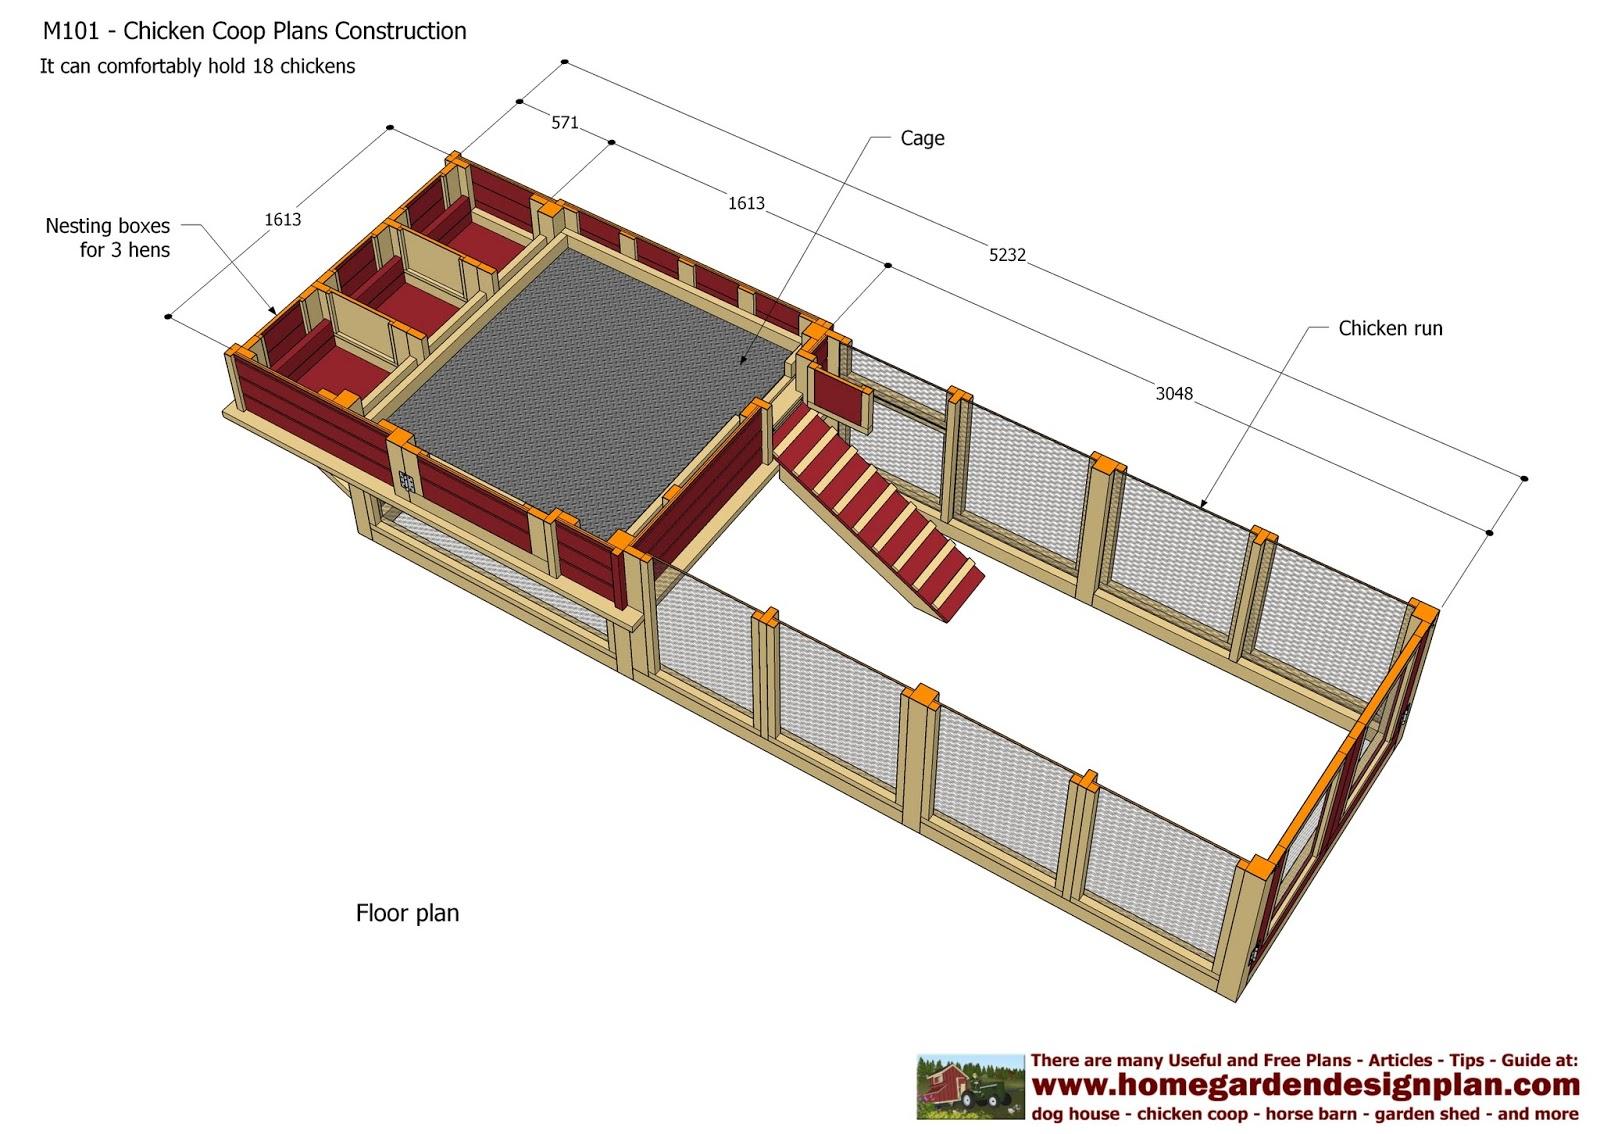 Строительство курятника своими руками — чертежи, видео и пошаговая инструкция